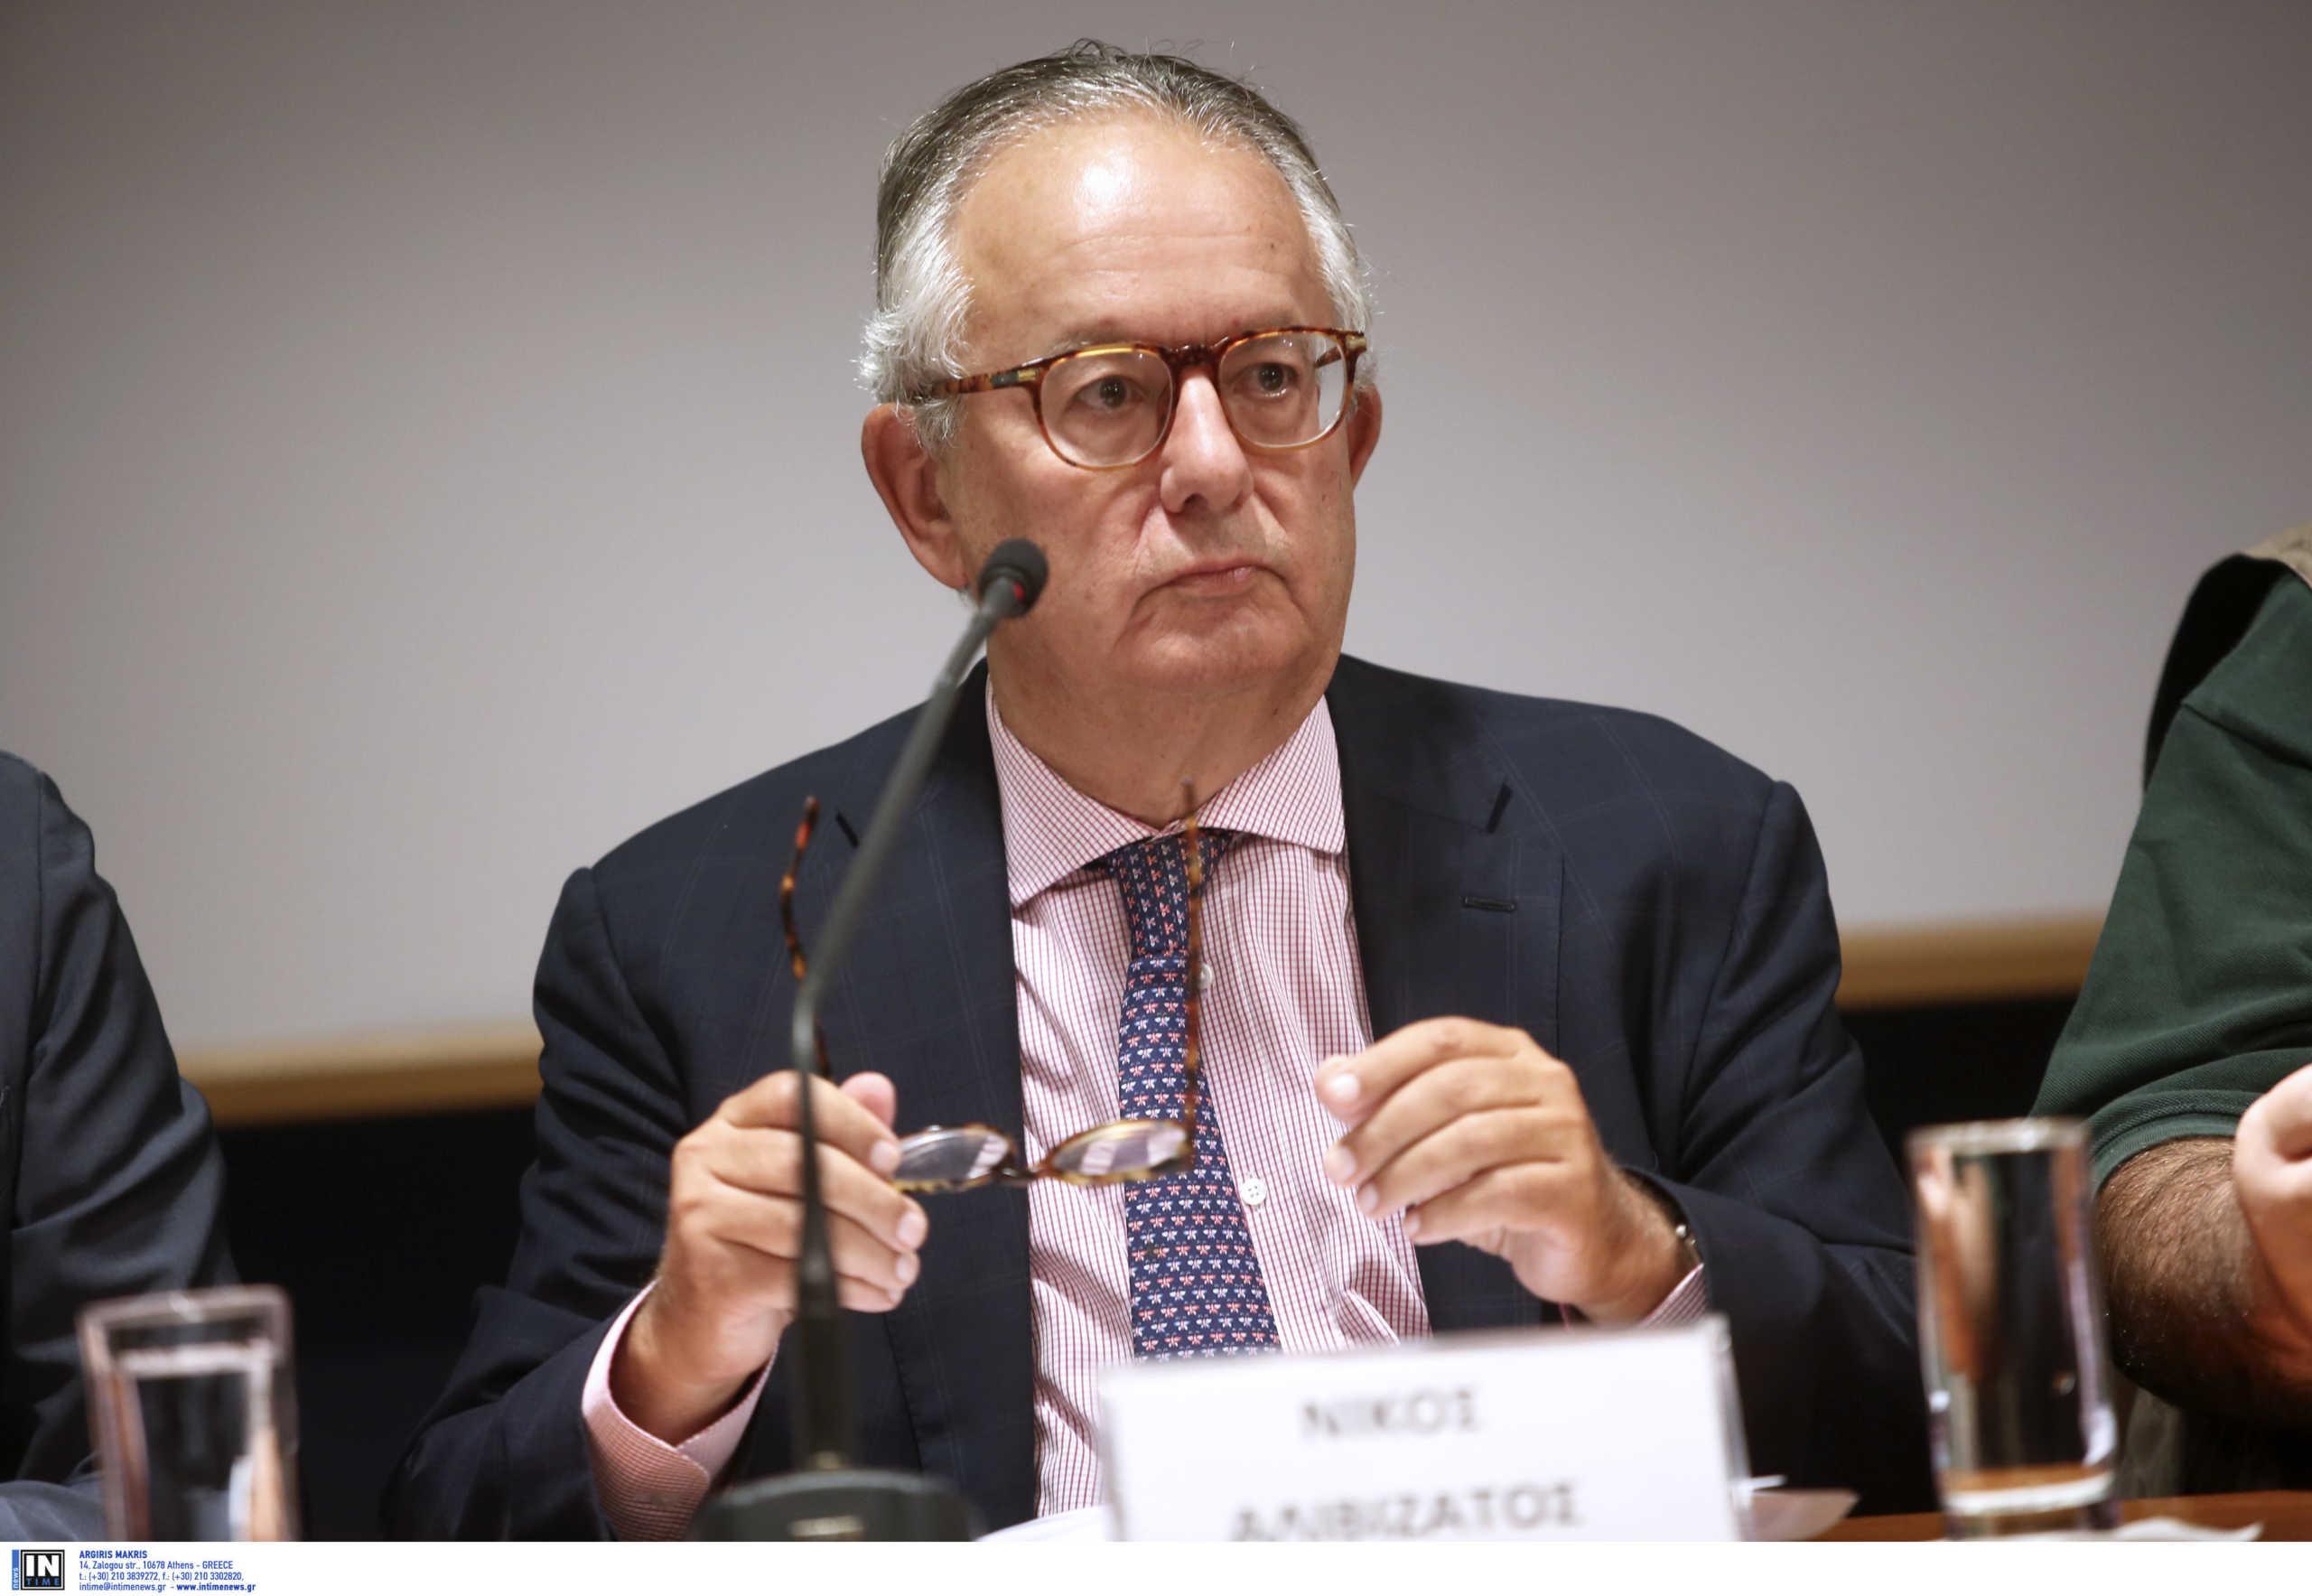 Ν. Αλιβιζατος: Δεν είναι αντισυνταγματική η απαγόρευση των συναθροίσεων